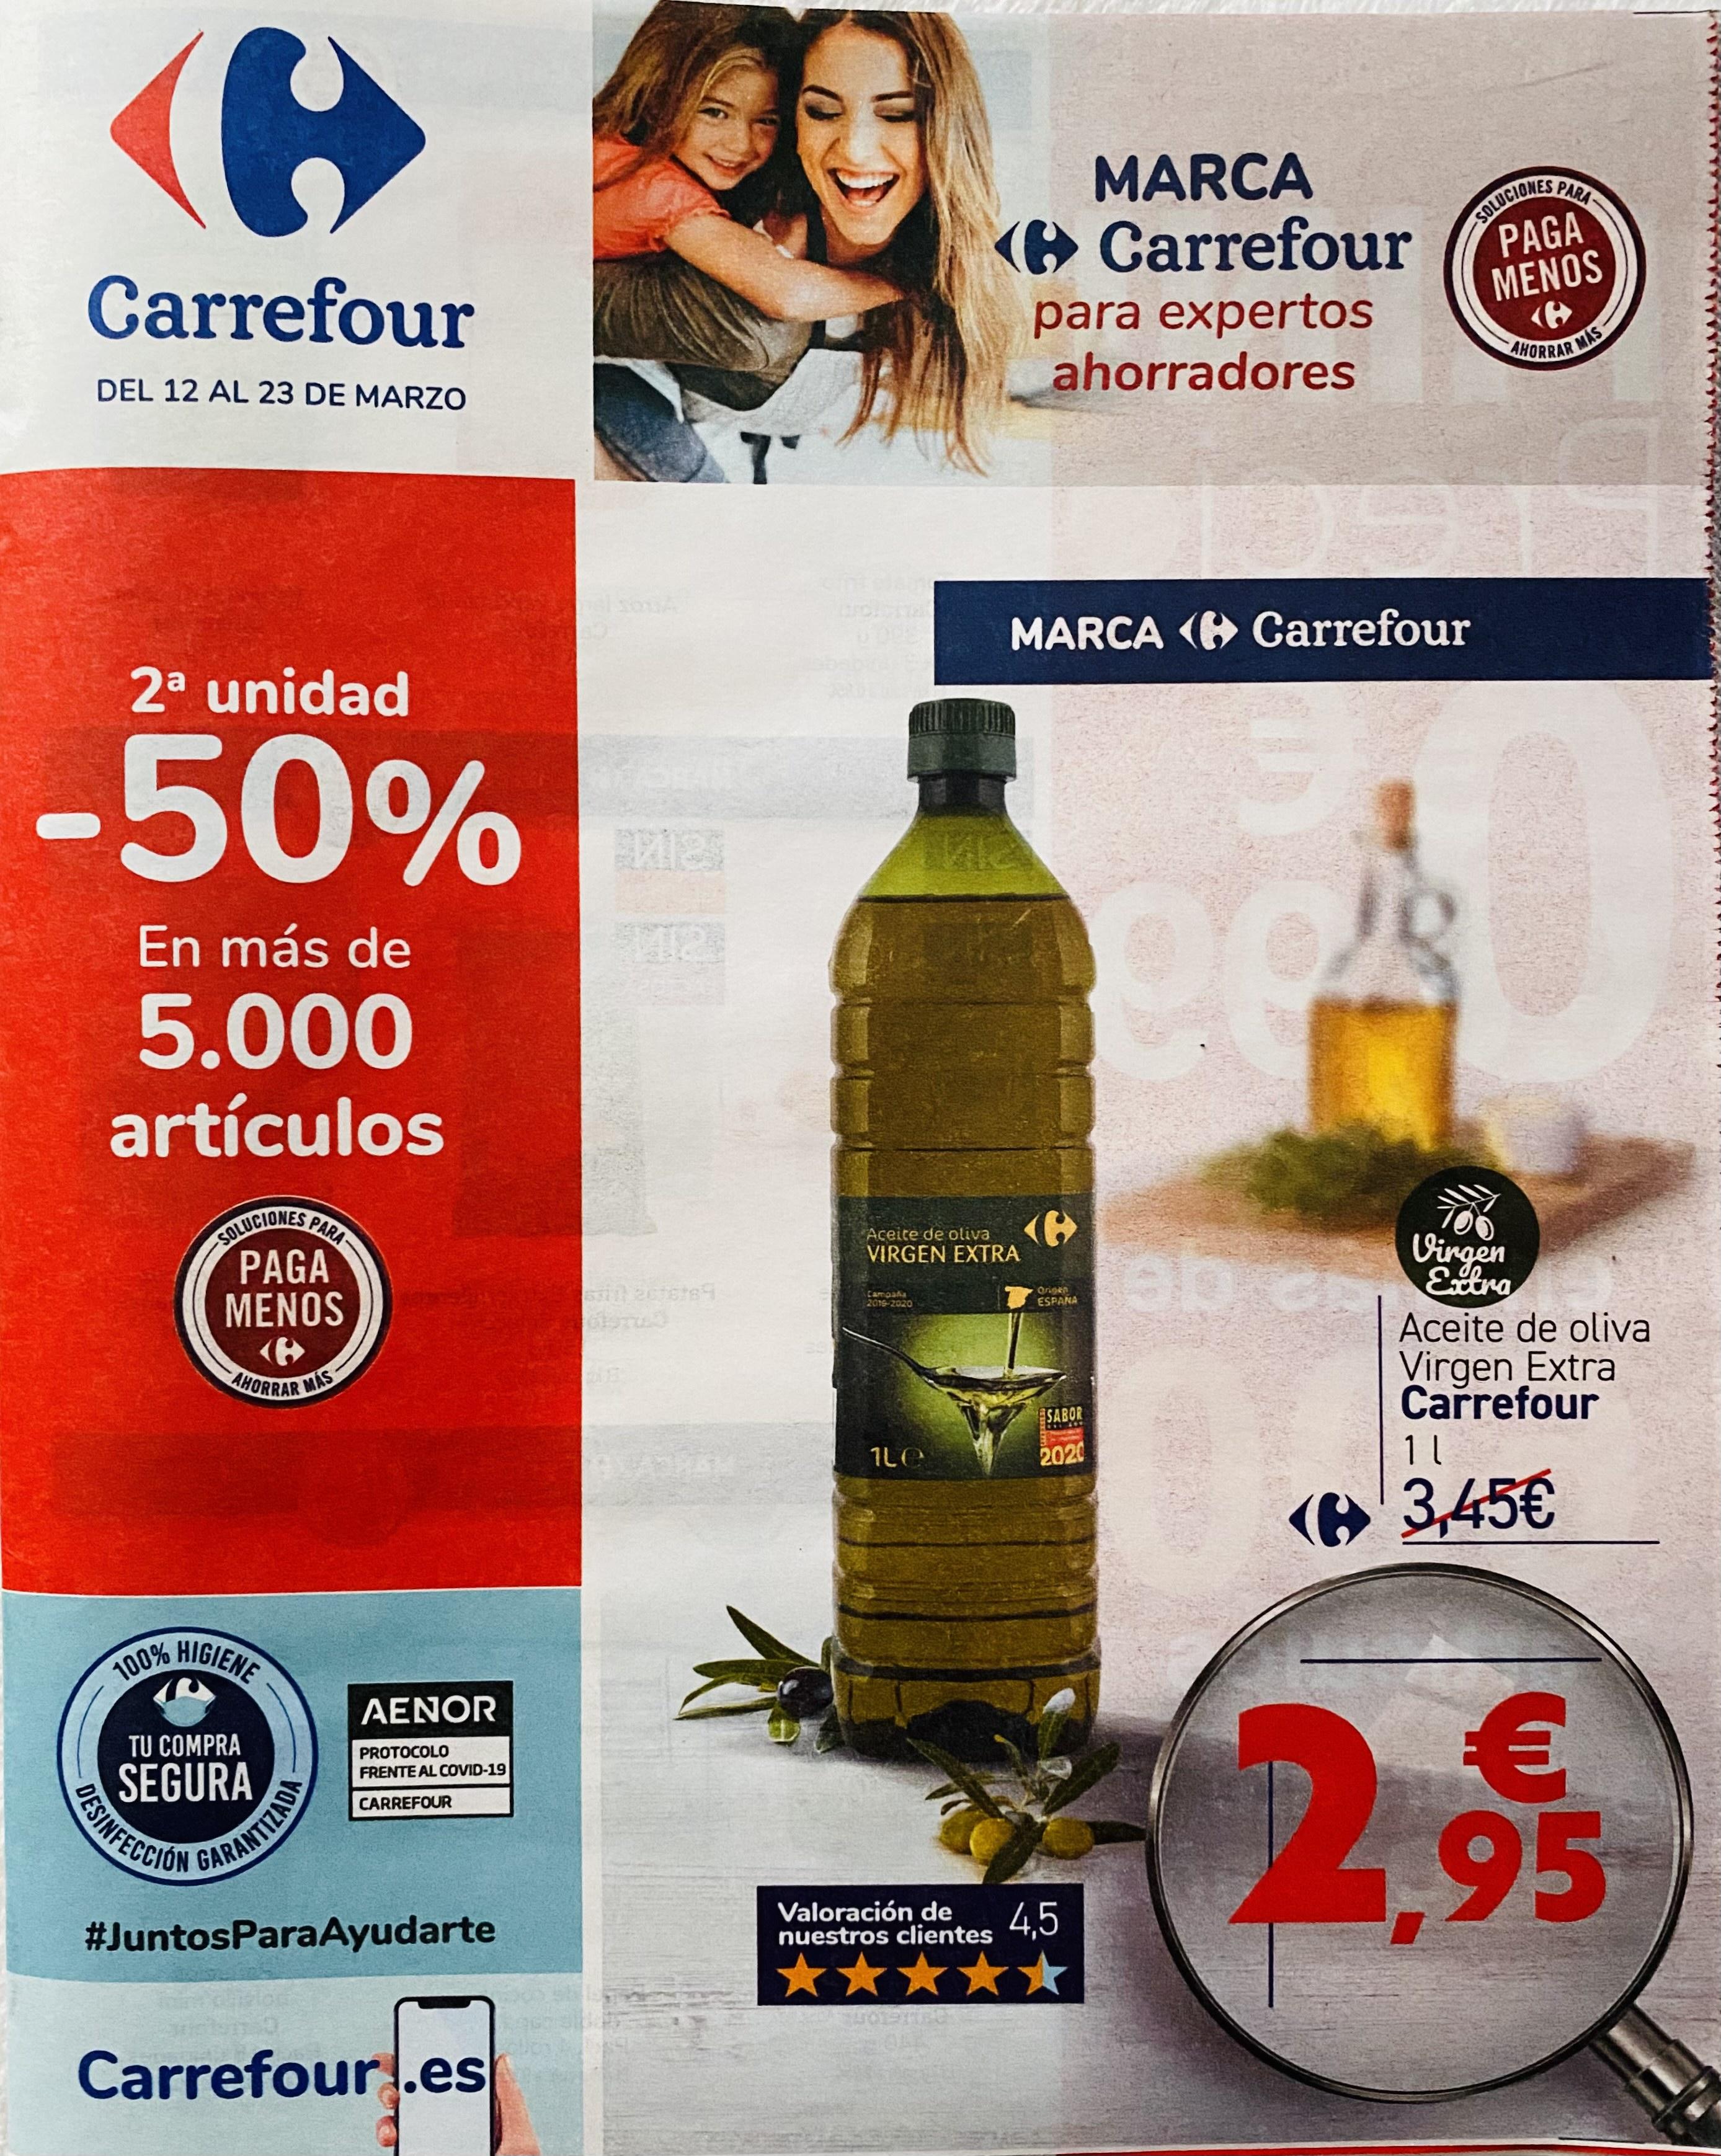 [Carrefour] 2ª unidad -50% de descuento. Del 12 al 23 de marzo.